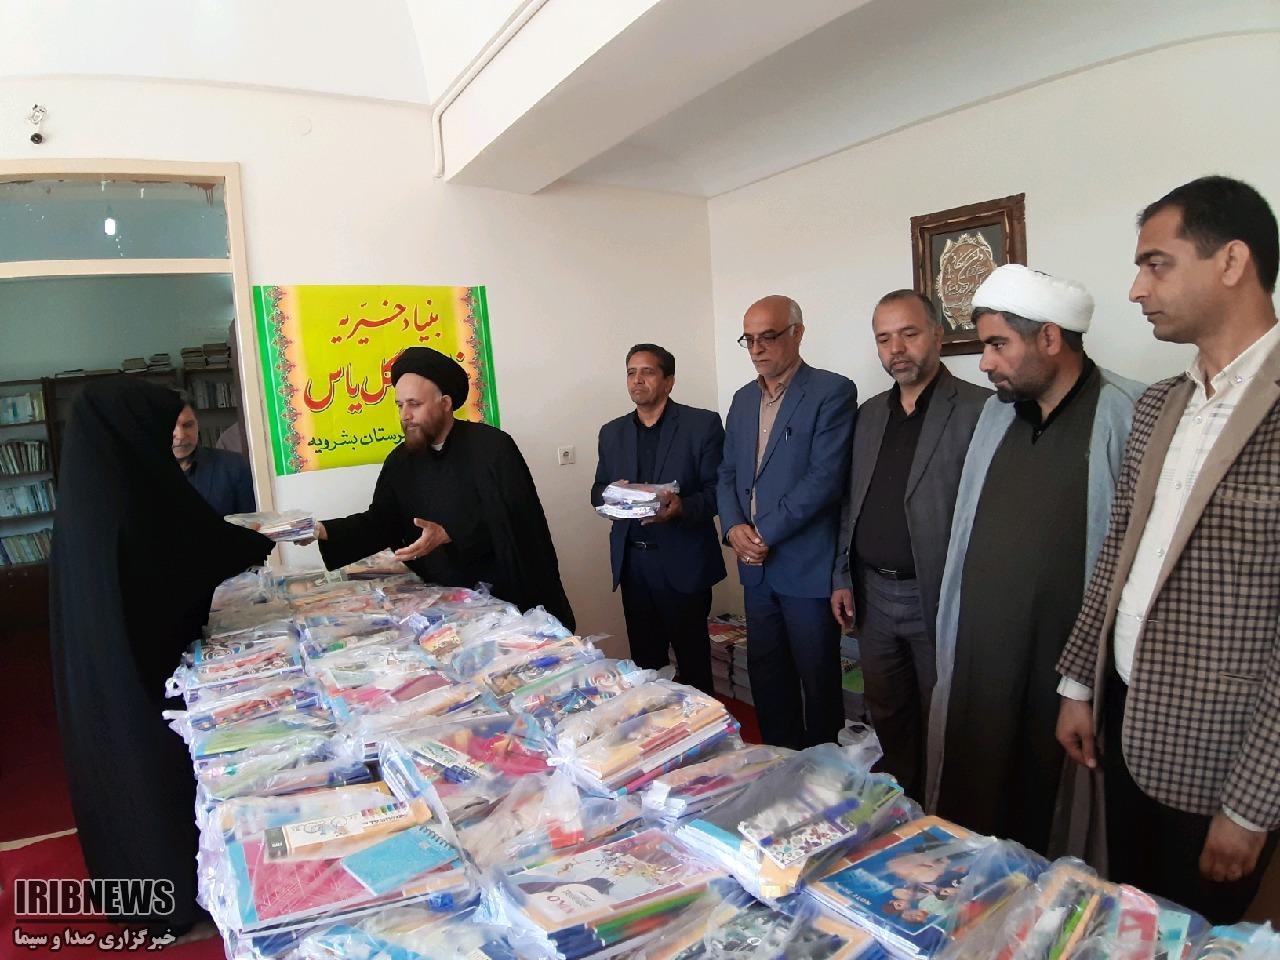 توزیع هزار بسته اقلام مدرسه بین دانش آموزان